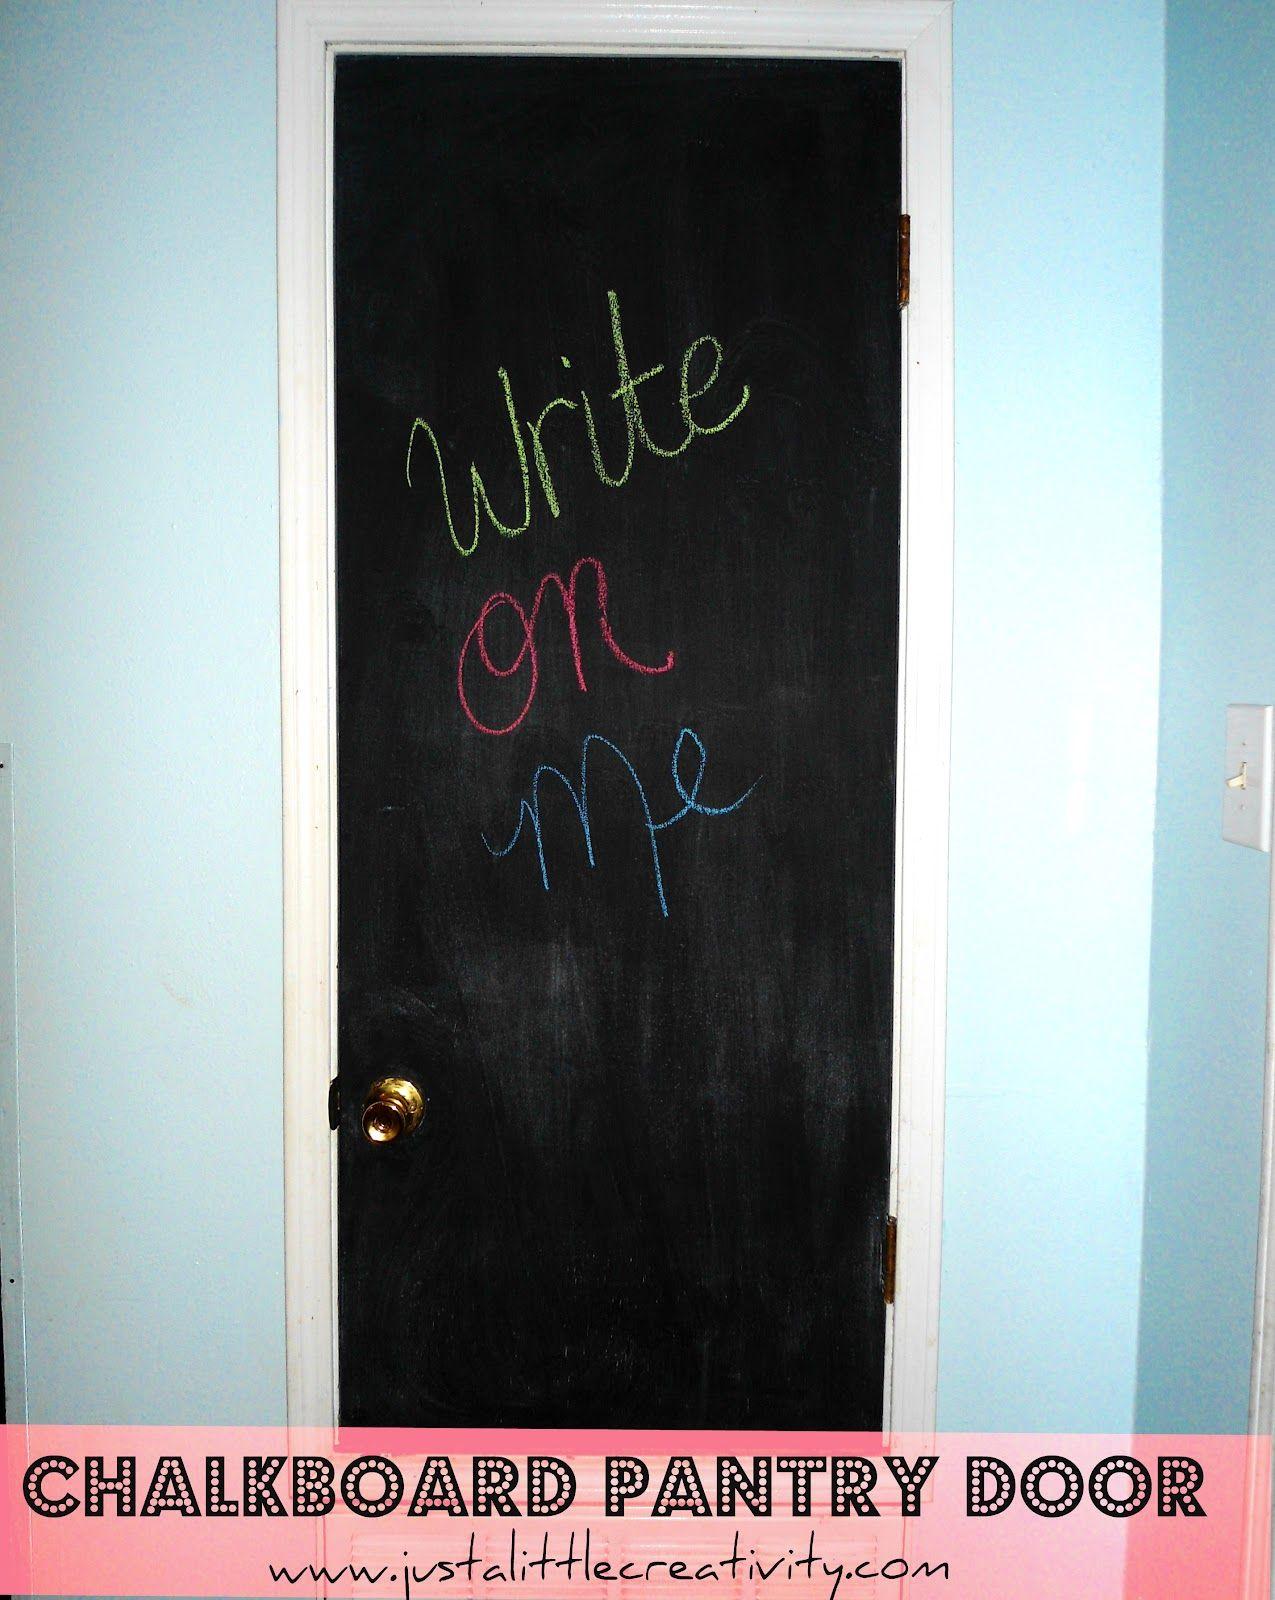 Chalkboard pantry door makeover painted pantry doors door